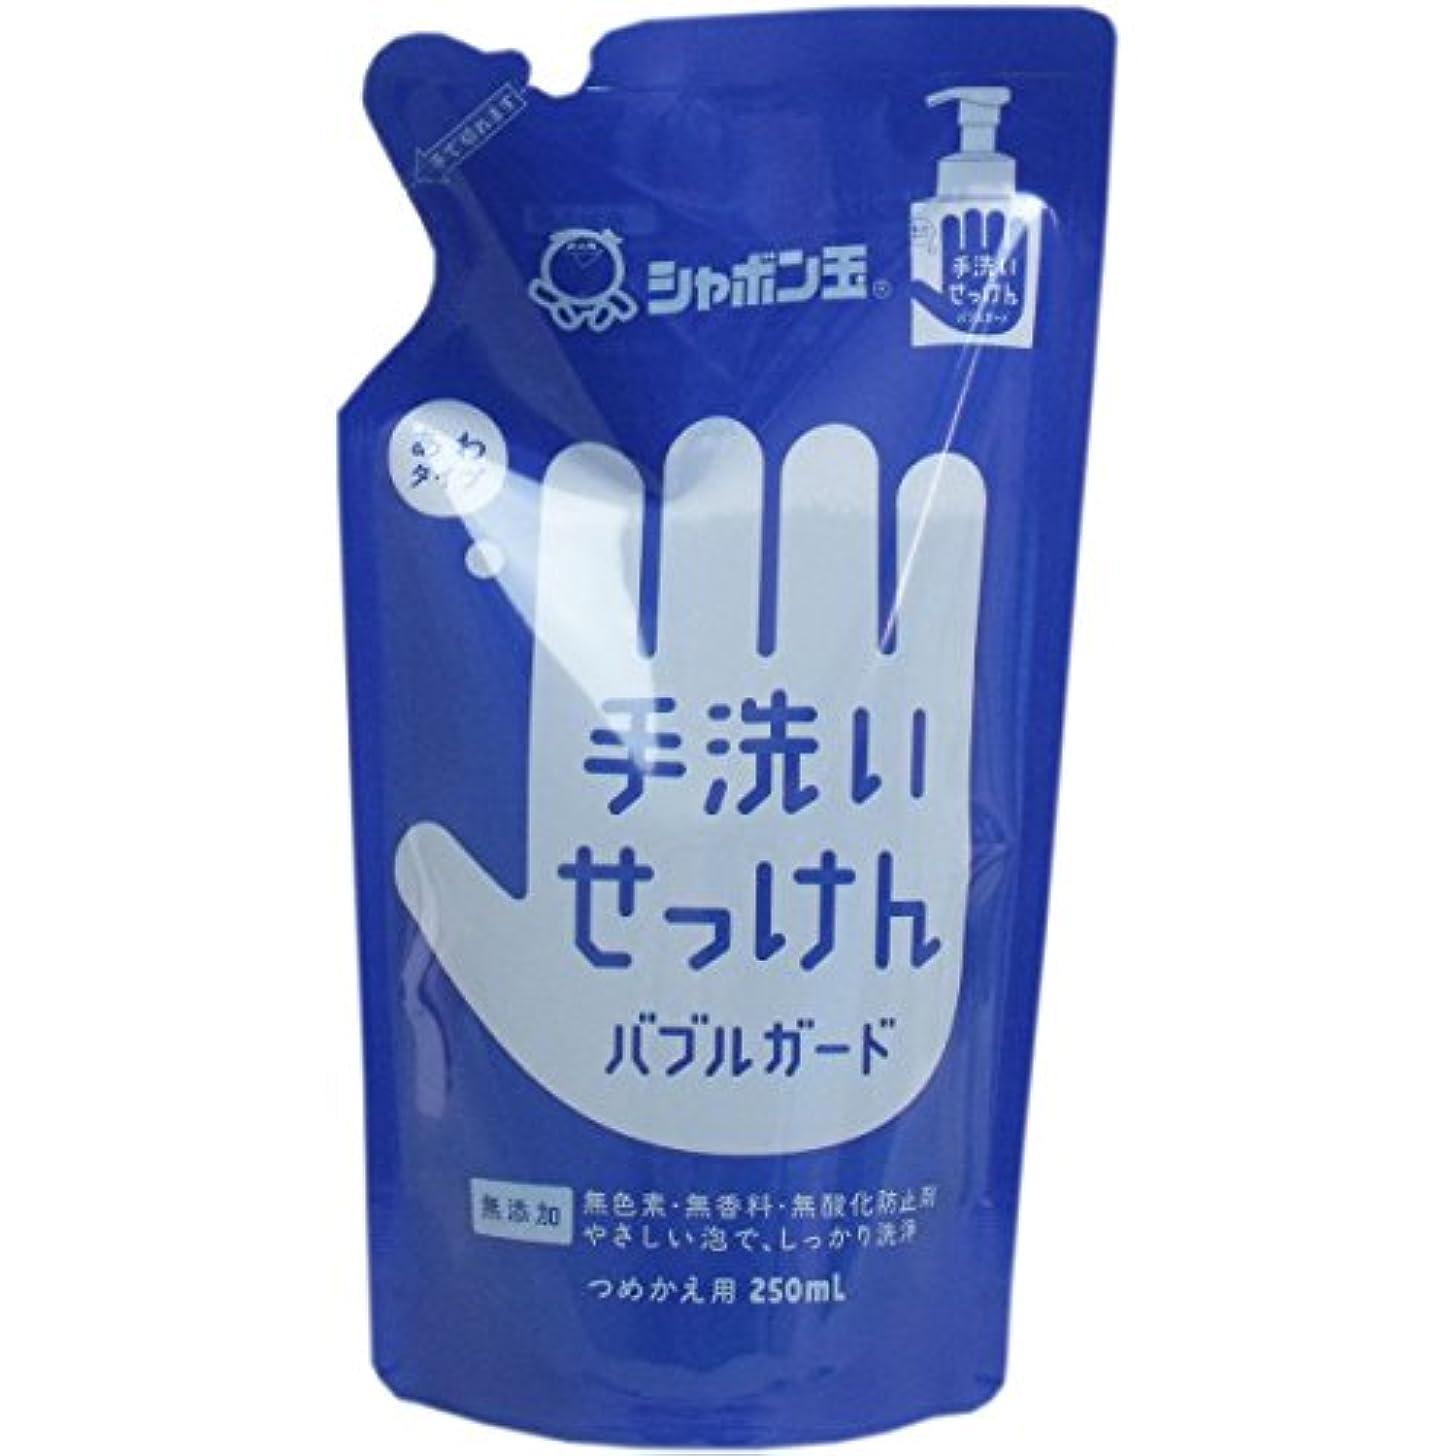 ヘッドレス特異なバウンド[シャボン玉石けん 1602809] (ケア商品)手洗いせっけん バブルガード 泡タイプ つめかえ用 250ml